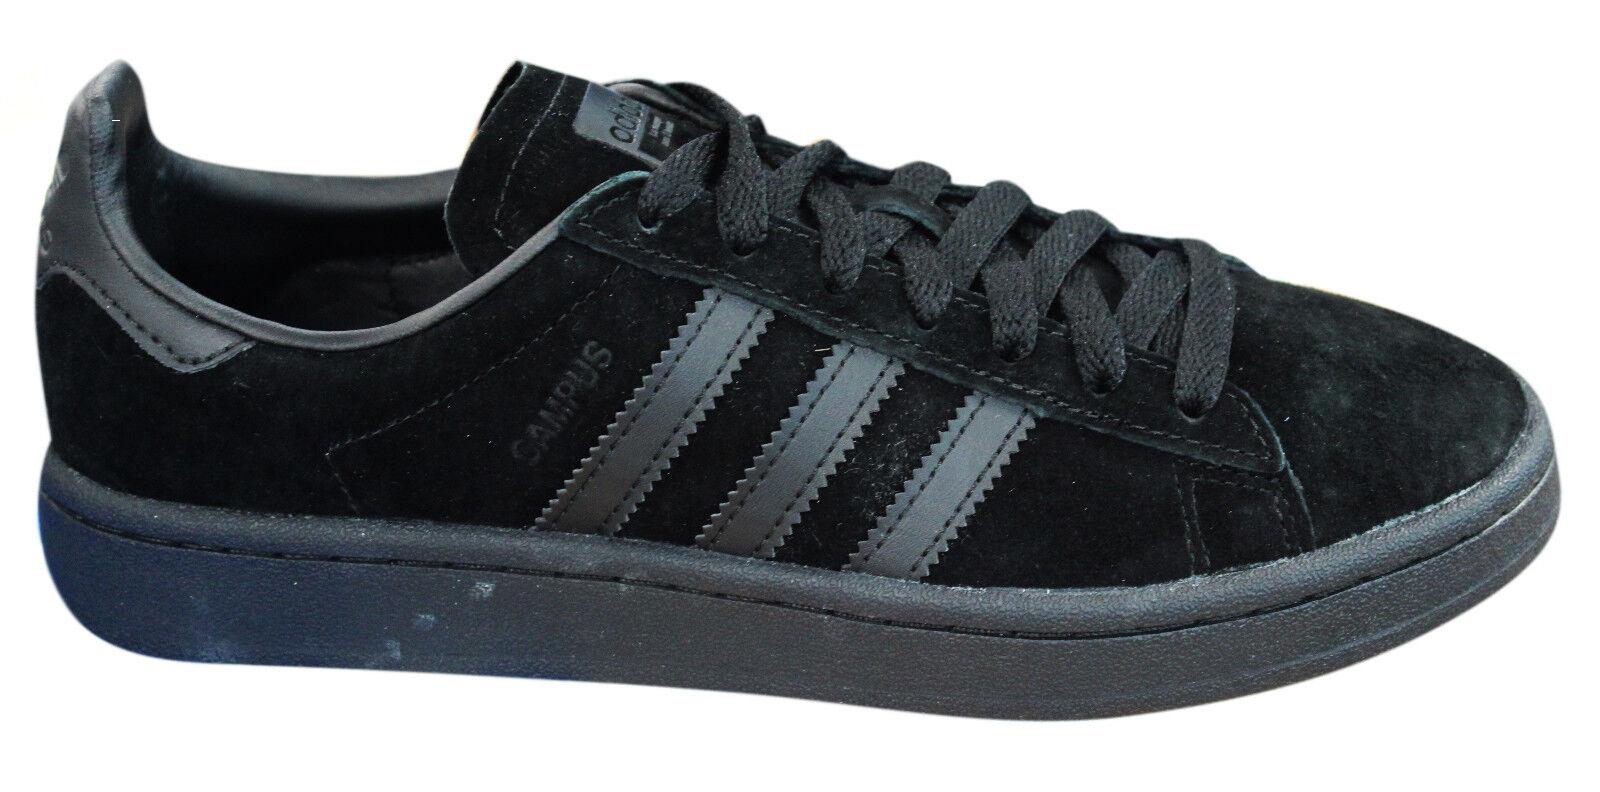 Adidas Originals Campus Zapatillas para hombre Zapatos Con Cordones De Cuero Negro BZ0079 M17